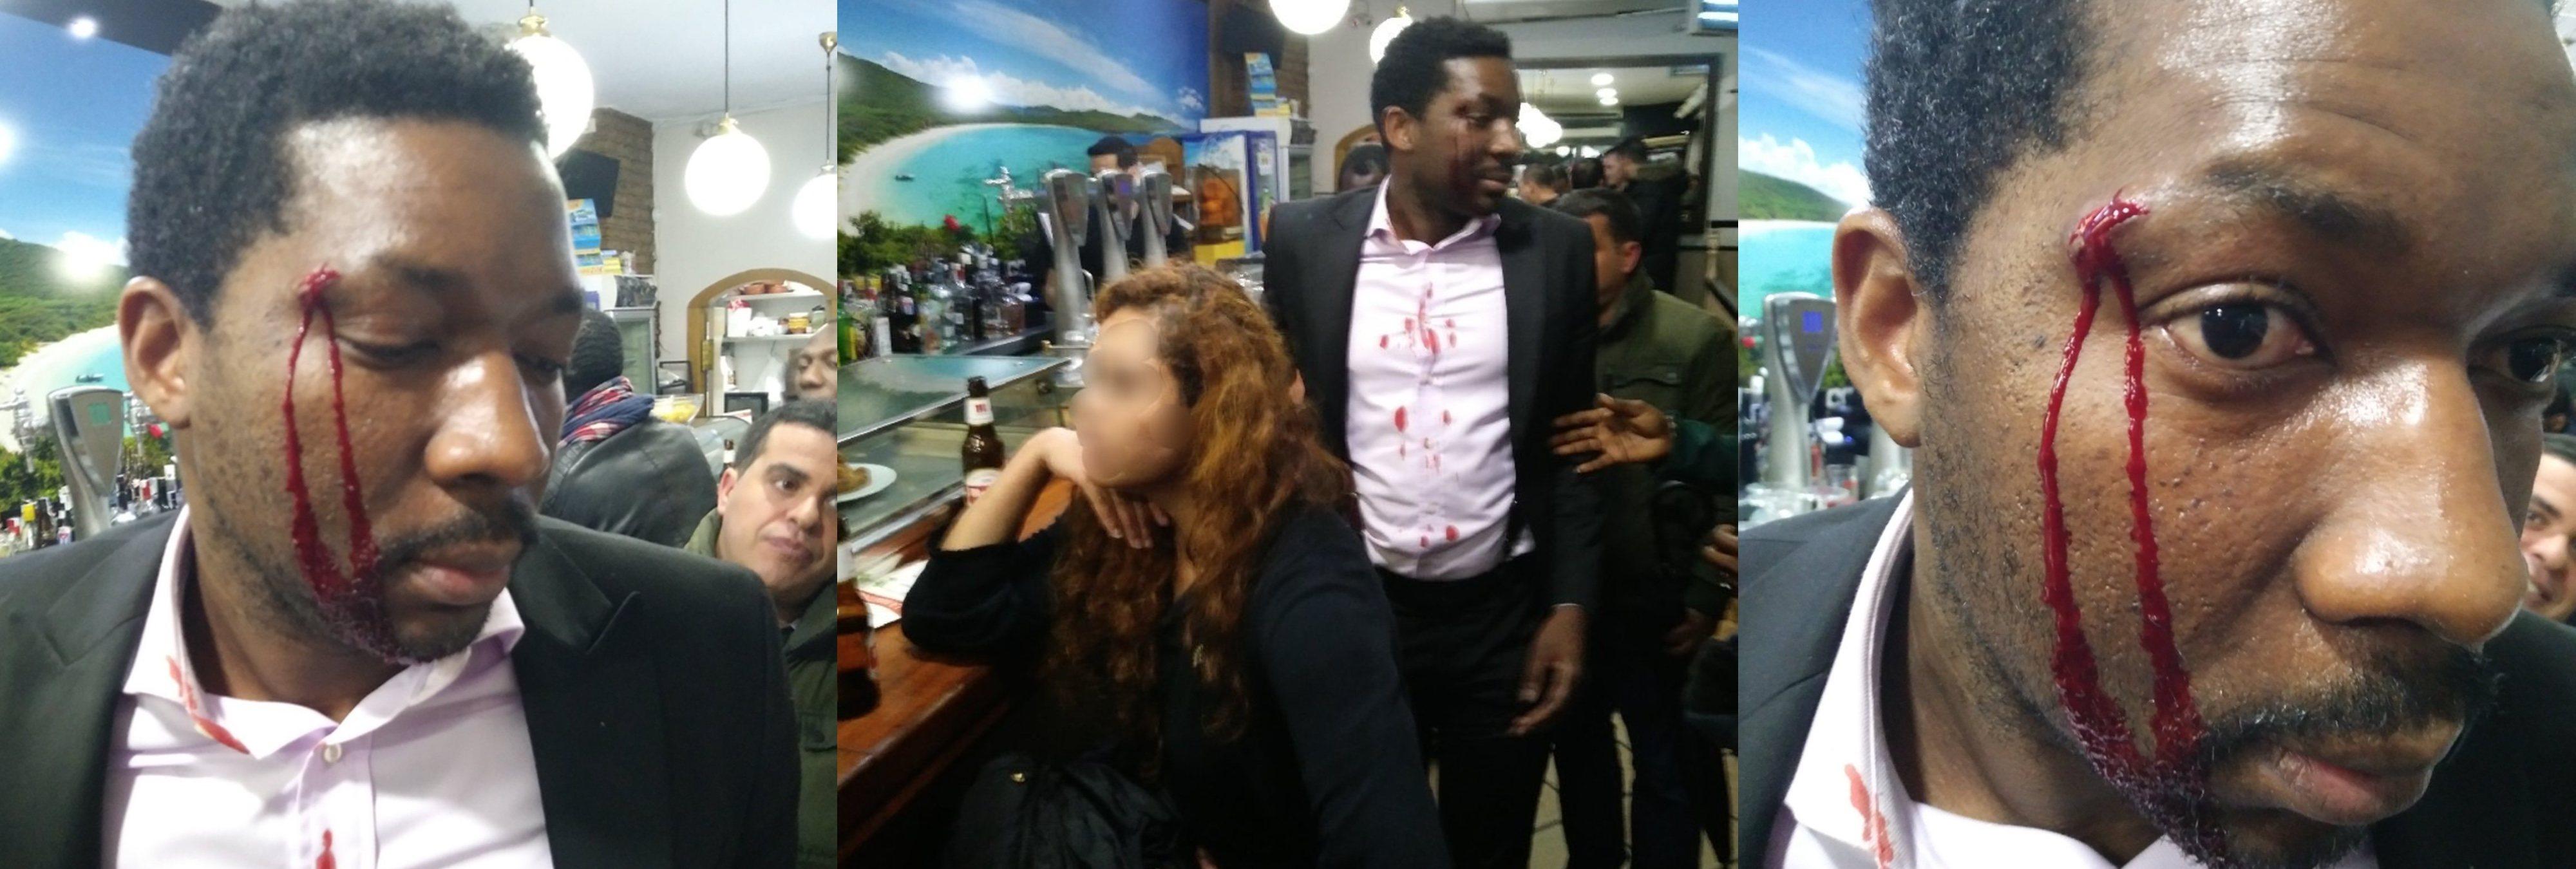 """Agresión racista a un actor en Madrid: """"Soy blanca, te puedo matar y no me pasa nada"""""""